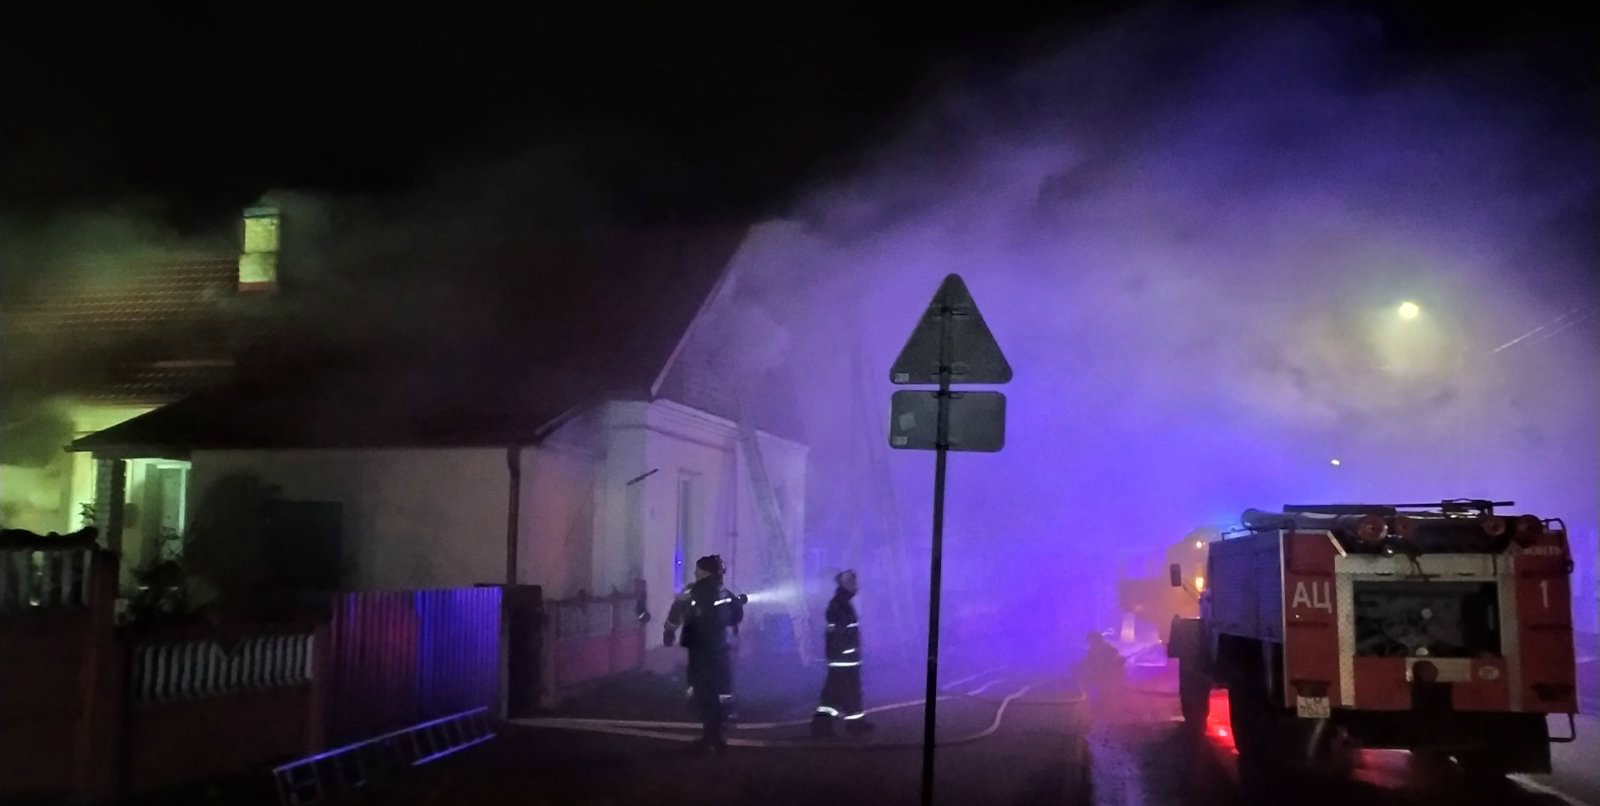 пожар дом 2